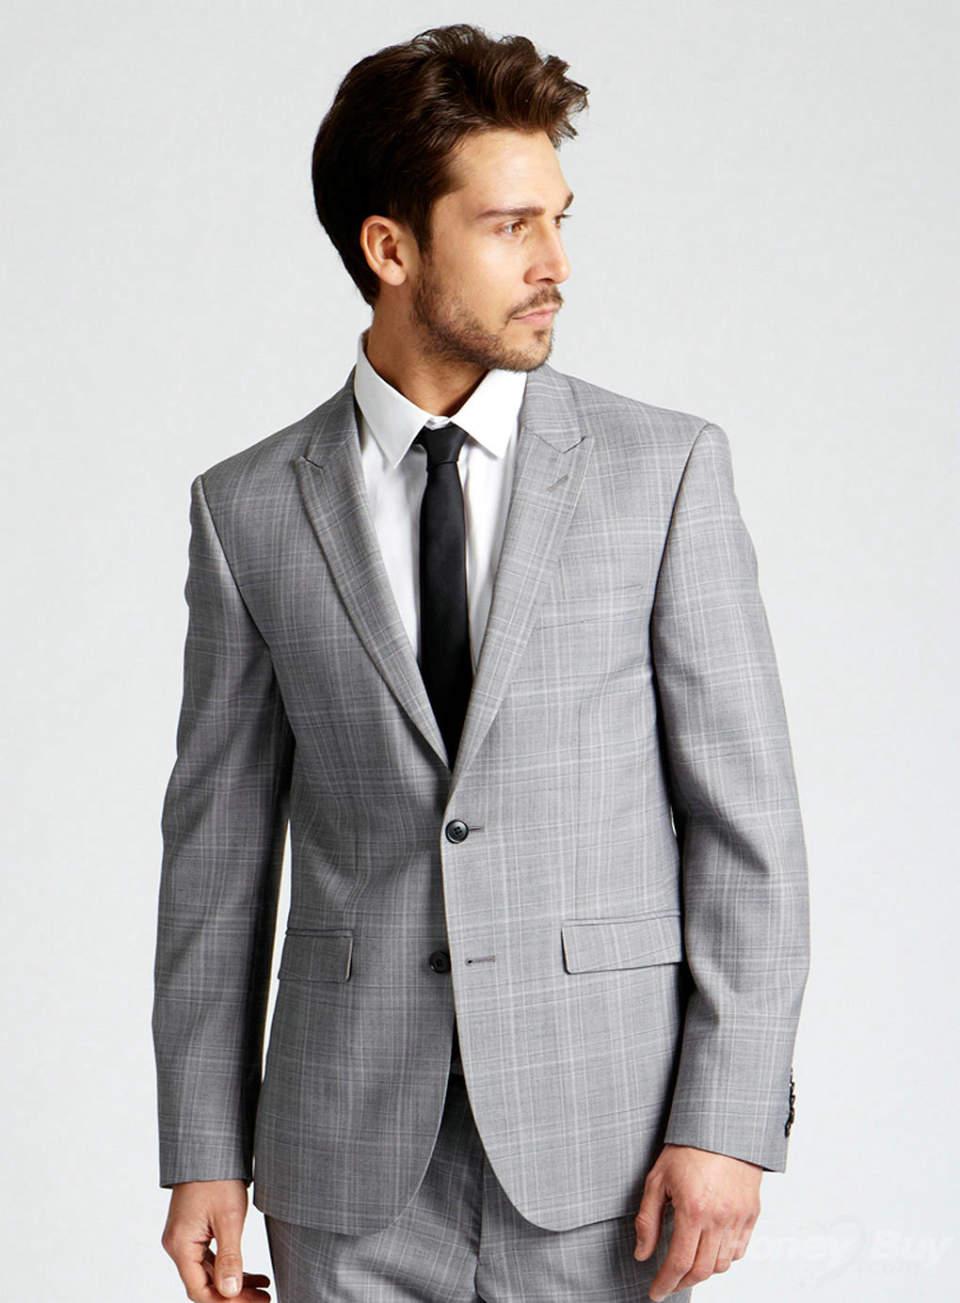 とりあえず揃えておきたい、王道ビジネスファッションのコーディネート4選 3番目の画像